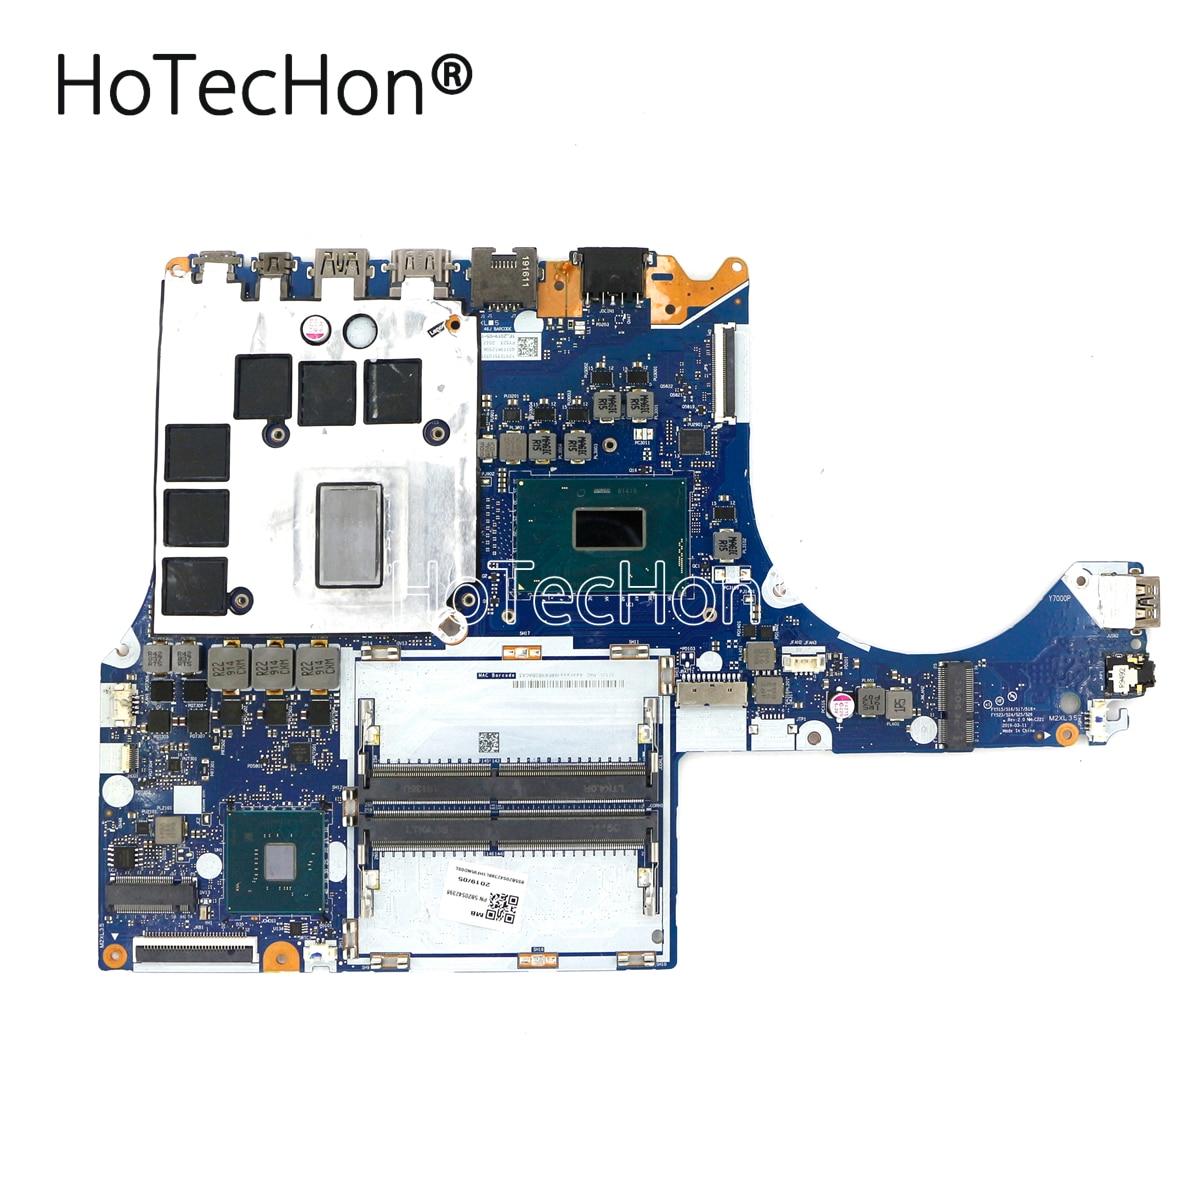 5B20S42398 - OEM اللوحة نظام مجلس NM-C221 ث/i7-9750H وحدة المعالجة المركزية GTX 1660 Ti GPU لينوفو فيلق Y545 أجهزة الكمبيوتر المحمولة